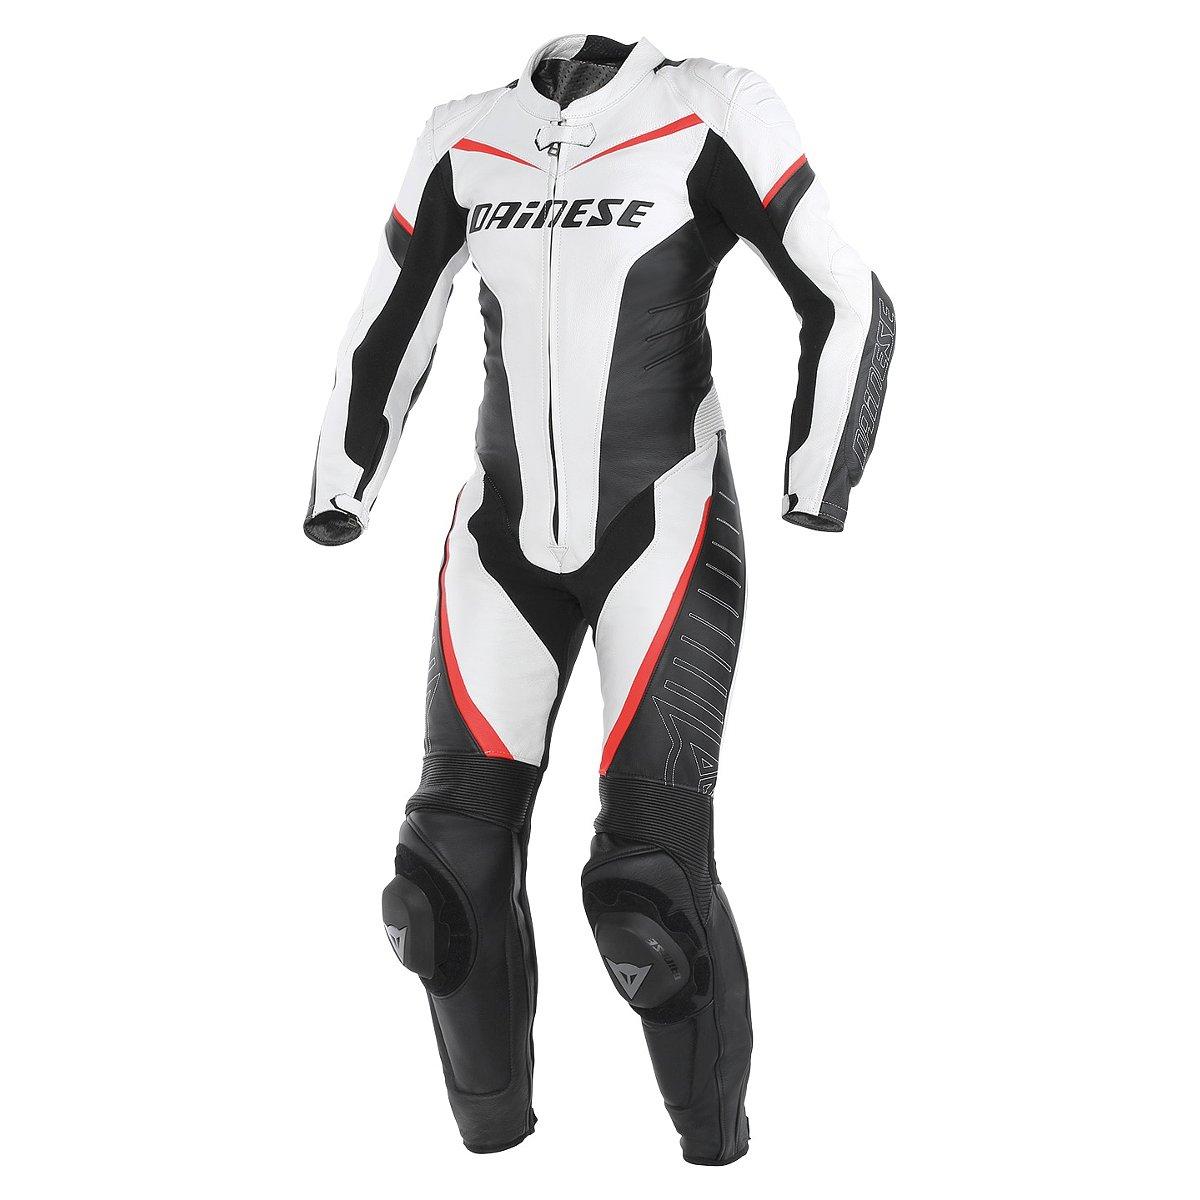 Tuta moto pelle donna divisibile Dainese Racing Bianco Nero Ross